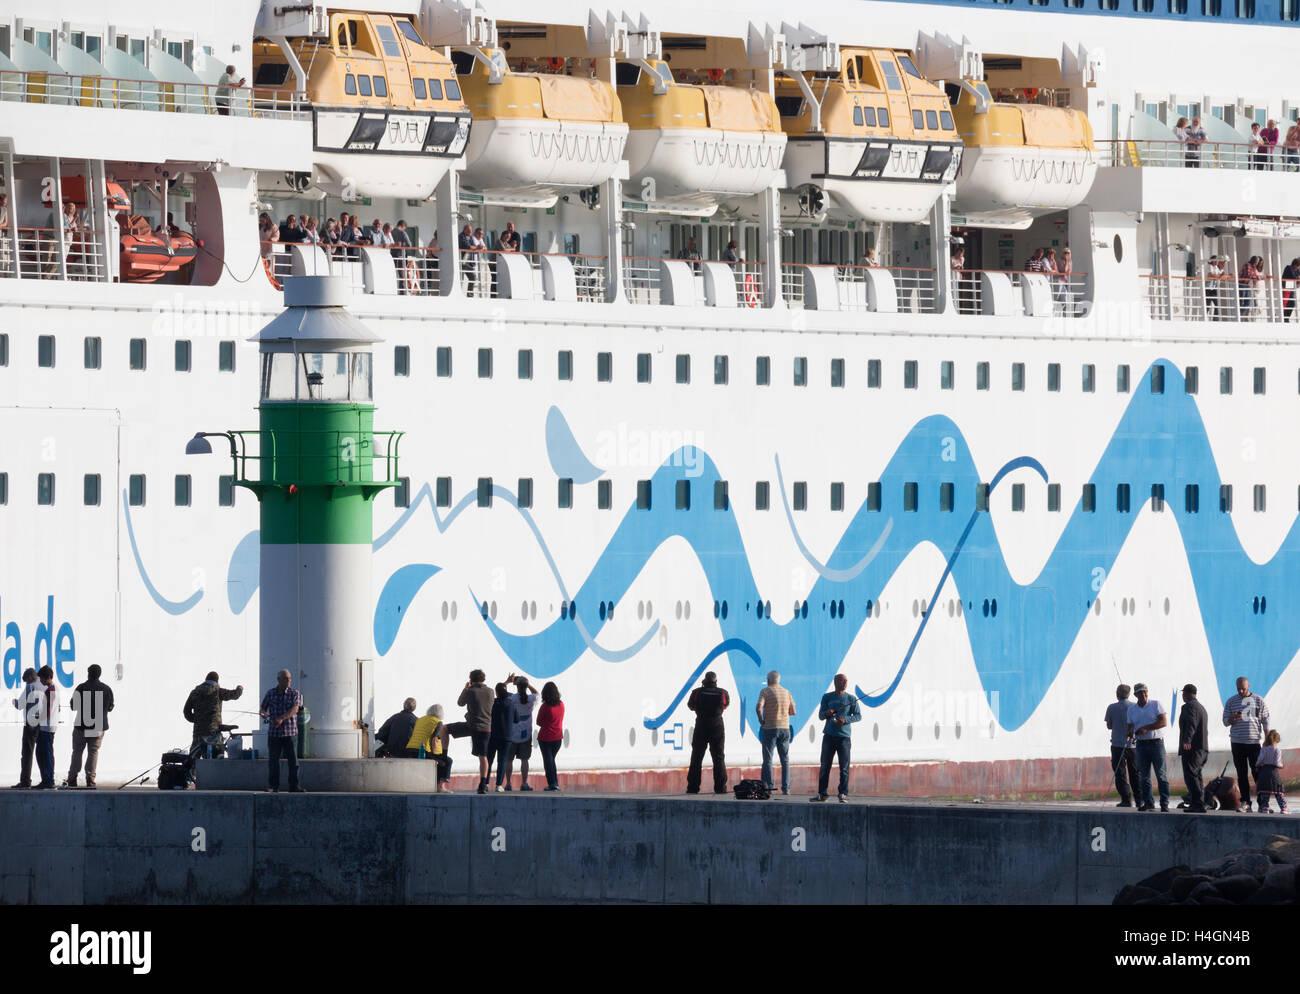 Aida Cruises. - Stock Image